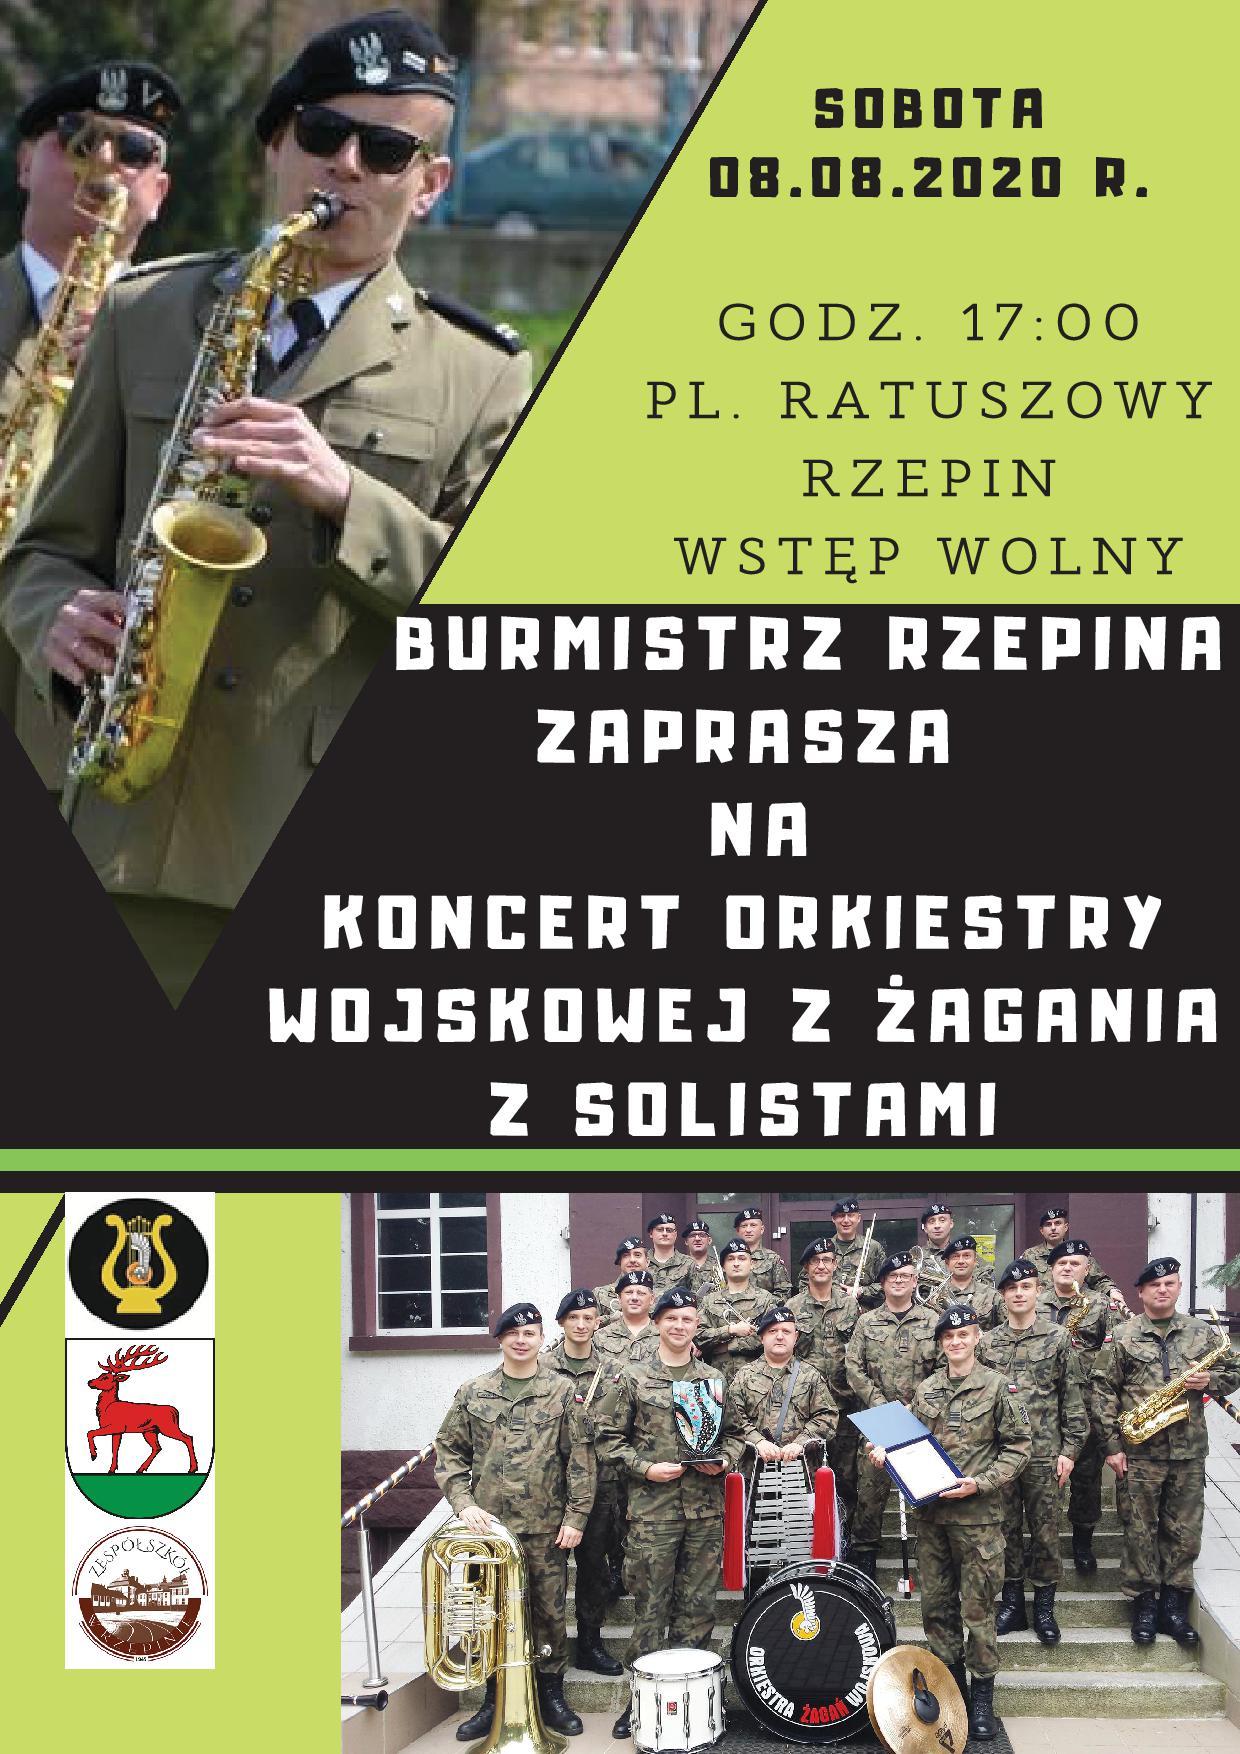 Ilustracja do informacji: Burmistrz Rzepina zaprasza na koncert Orkiestry Wojskowej z Żagania z solistami